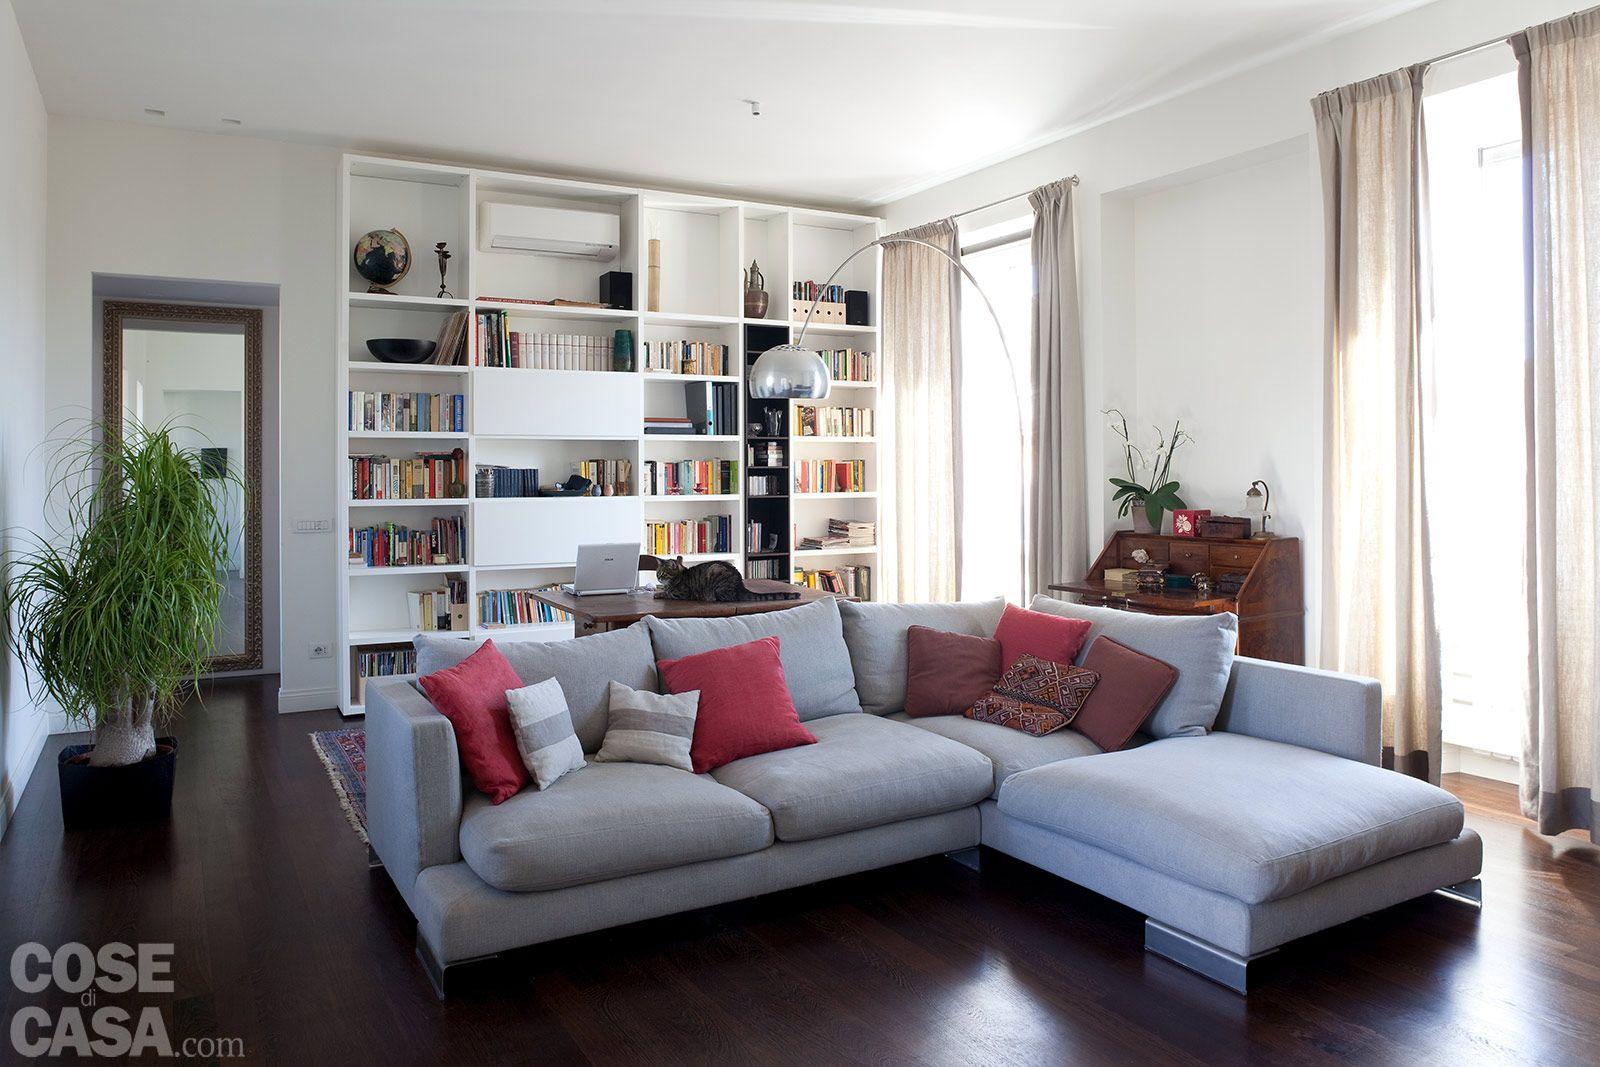 Casa: 14 mq in più per il bilocale | Rinunciare, Ripostiglio e Bagno